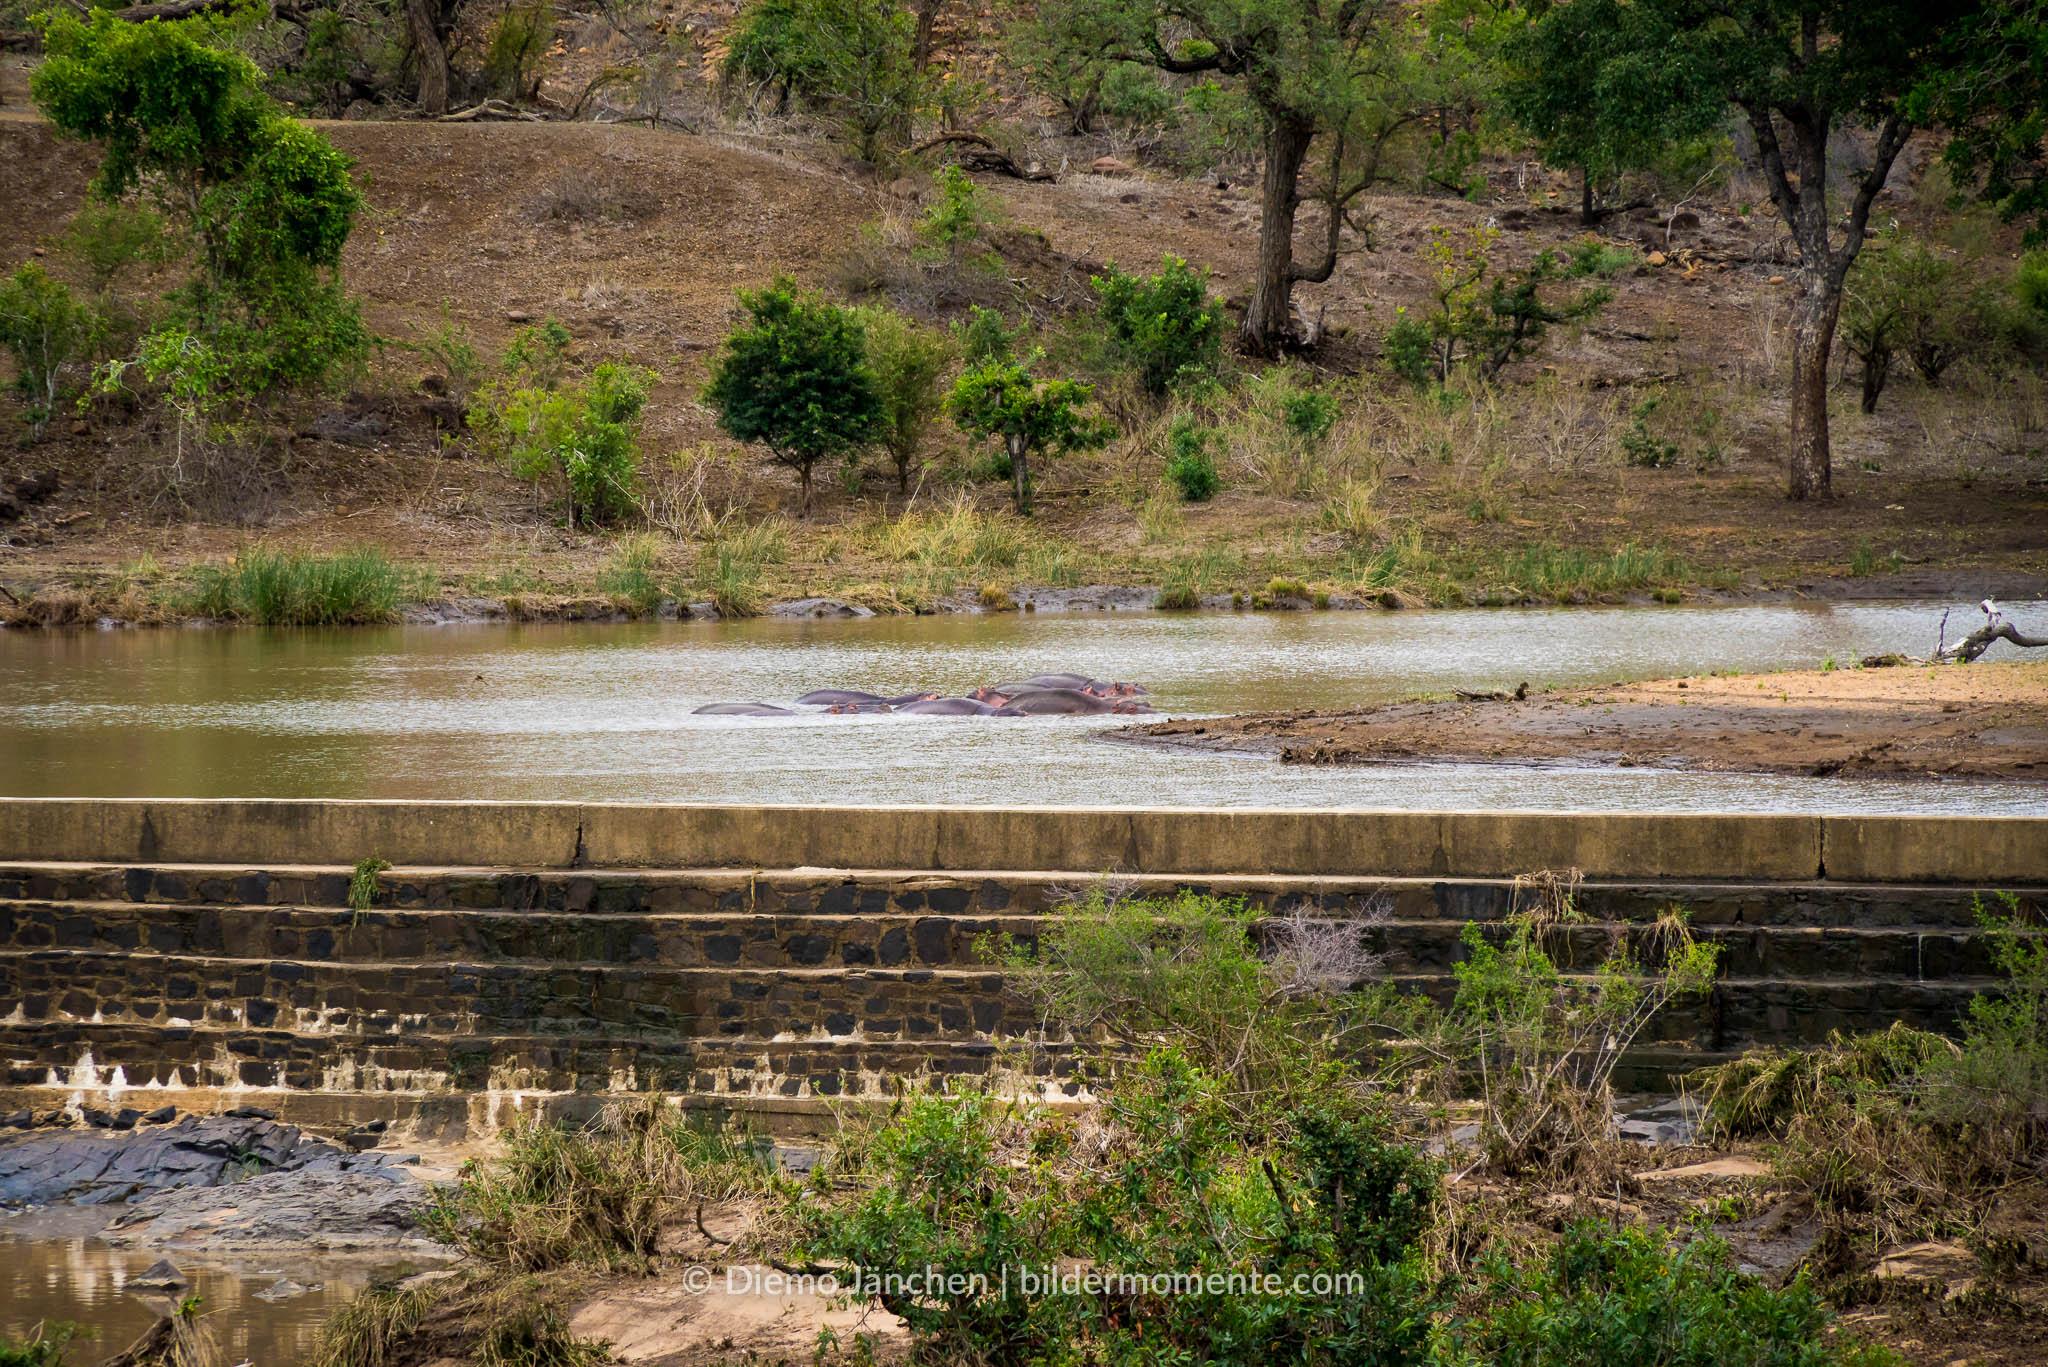 Wasserloch im Kruger National Park mit Nielpferden